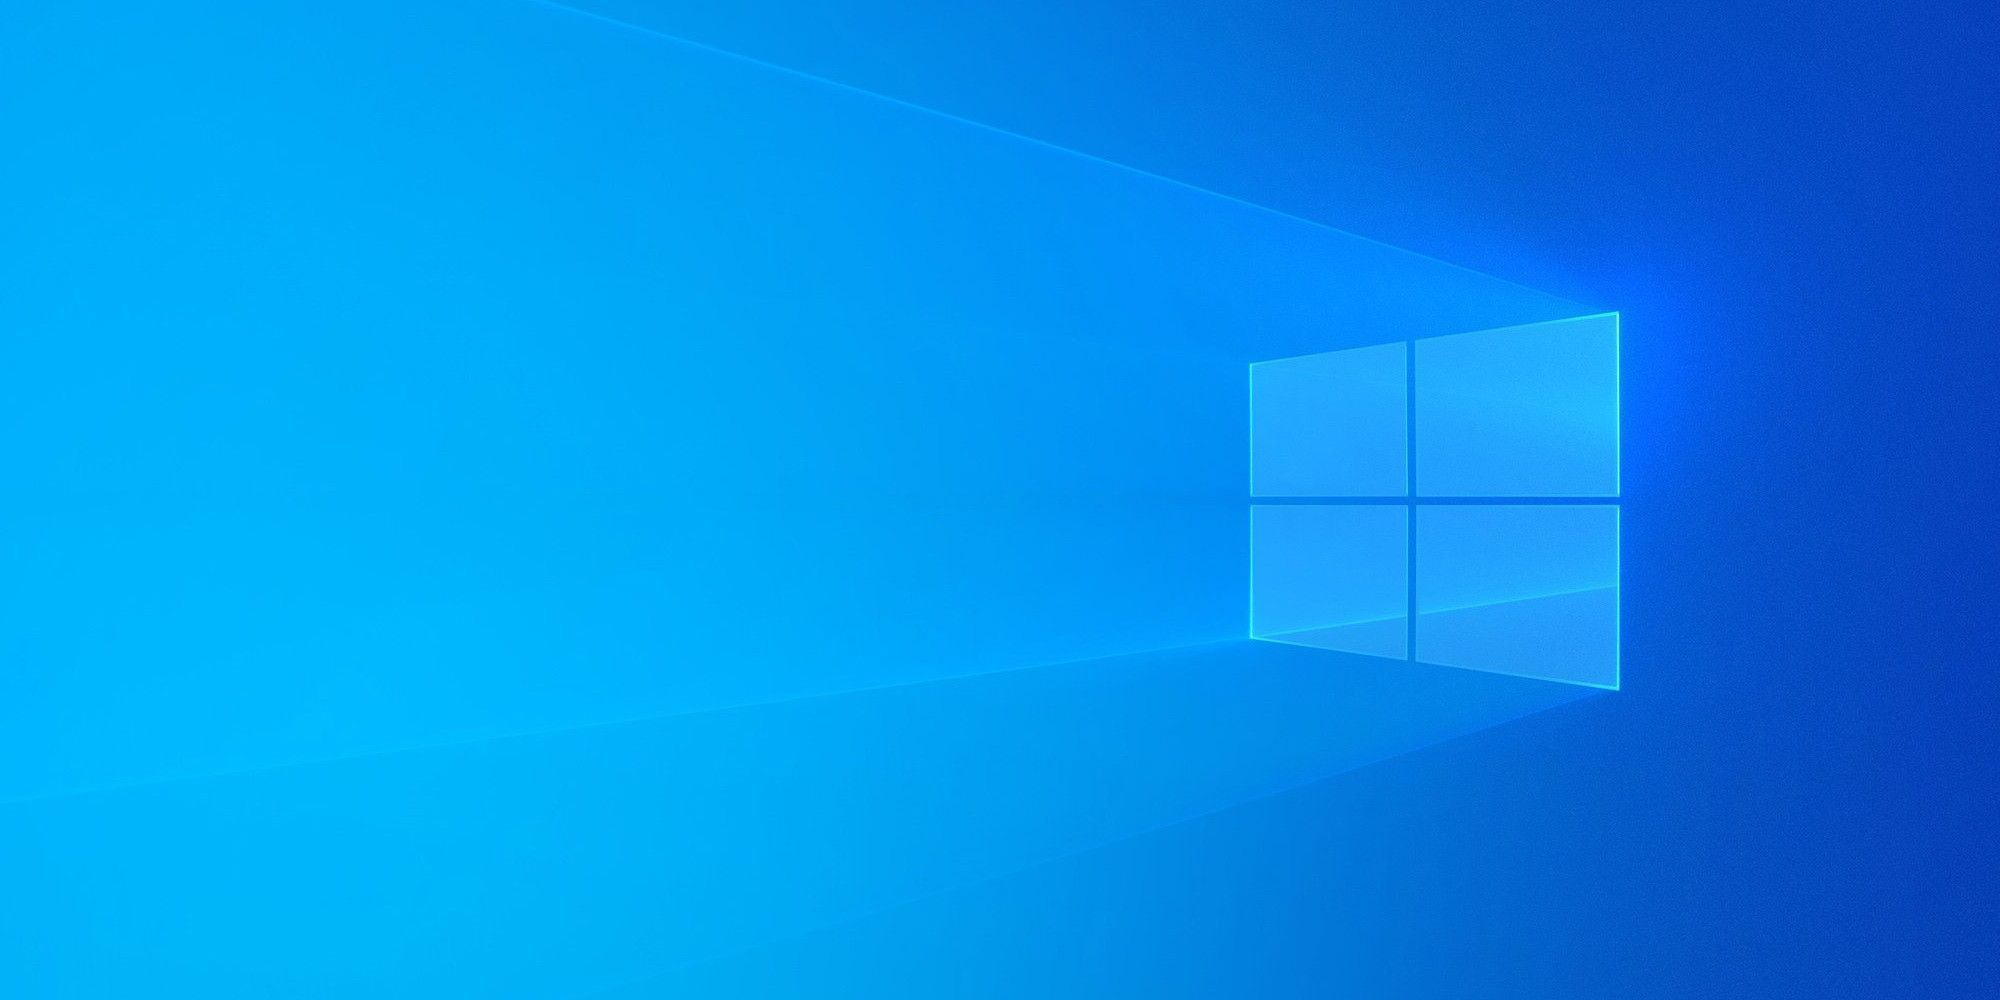 تحديث ويندوز 10 الجديد يؤثر على أداء سماعات البلوتوث المتصلة Wallpaper Windows 10 Windows 10 Desktop Wallpapers Backgrounds